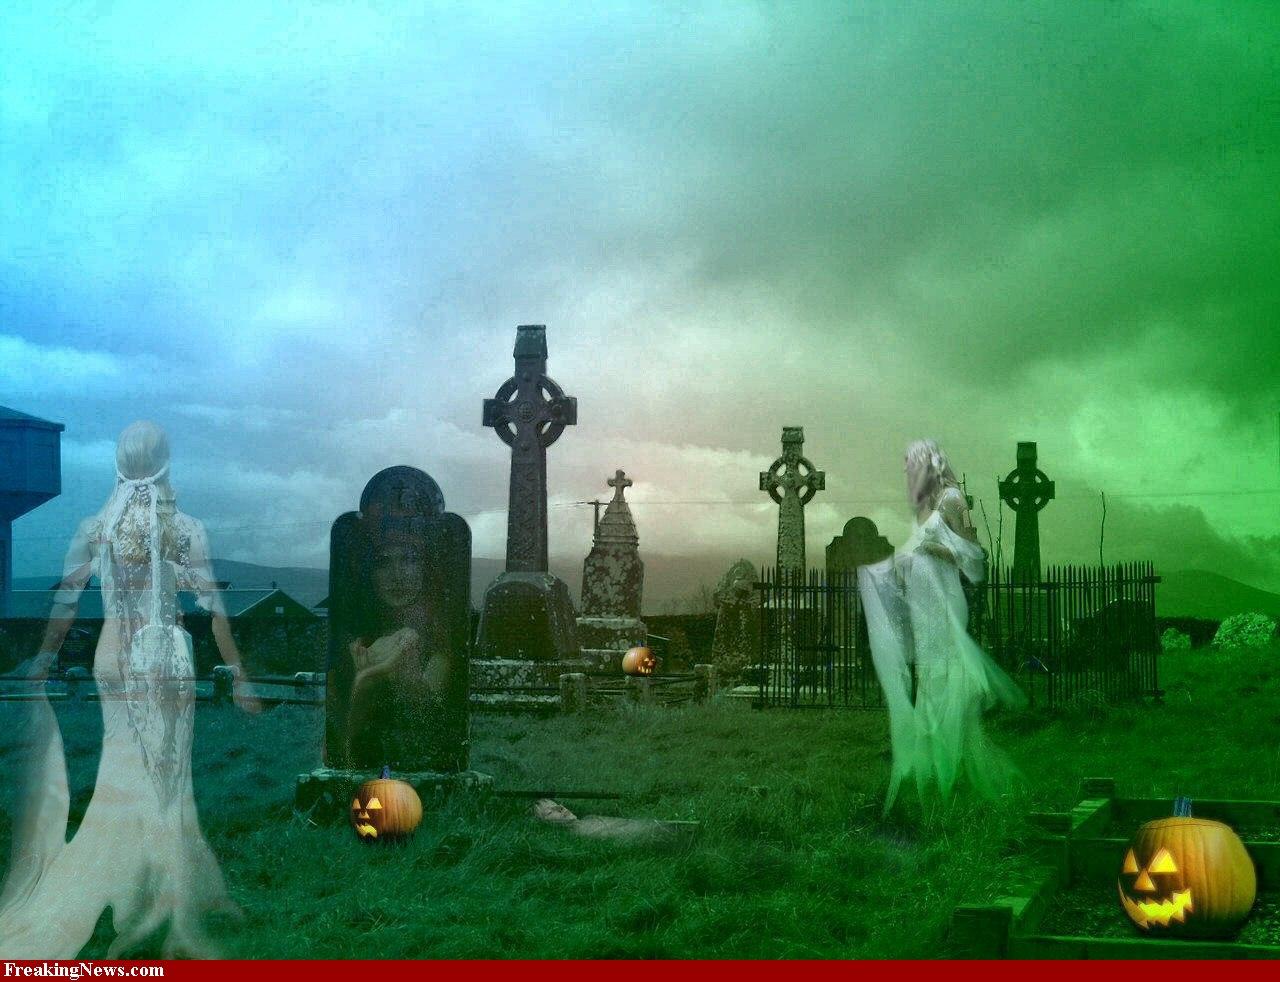 http://1.bp.blogspot.com/-D1X7FmOINAs/TpNI1HpUIdI/AAAAAAAAAPM/pCQkJYNadSM/s1600/ghosts.jpg